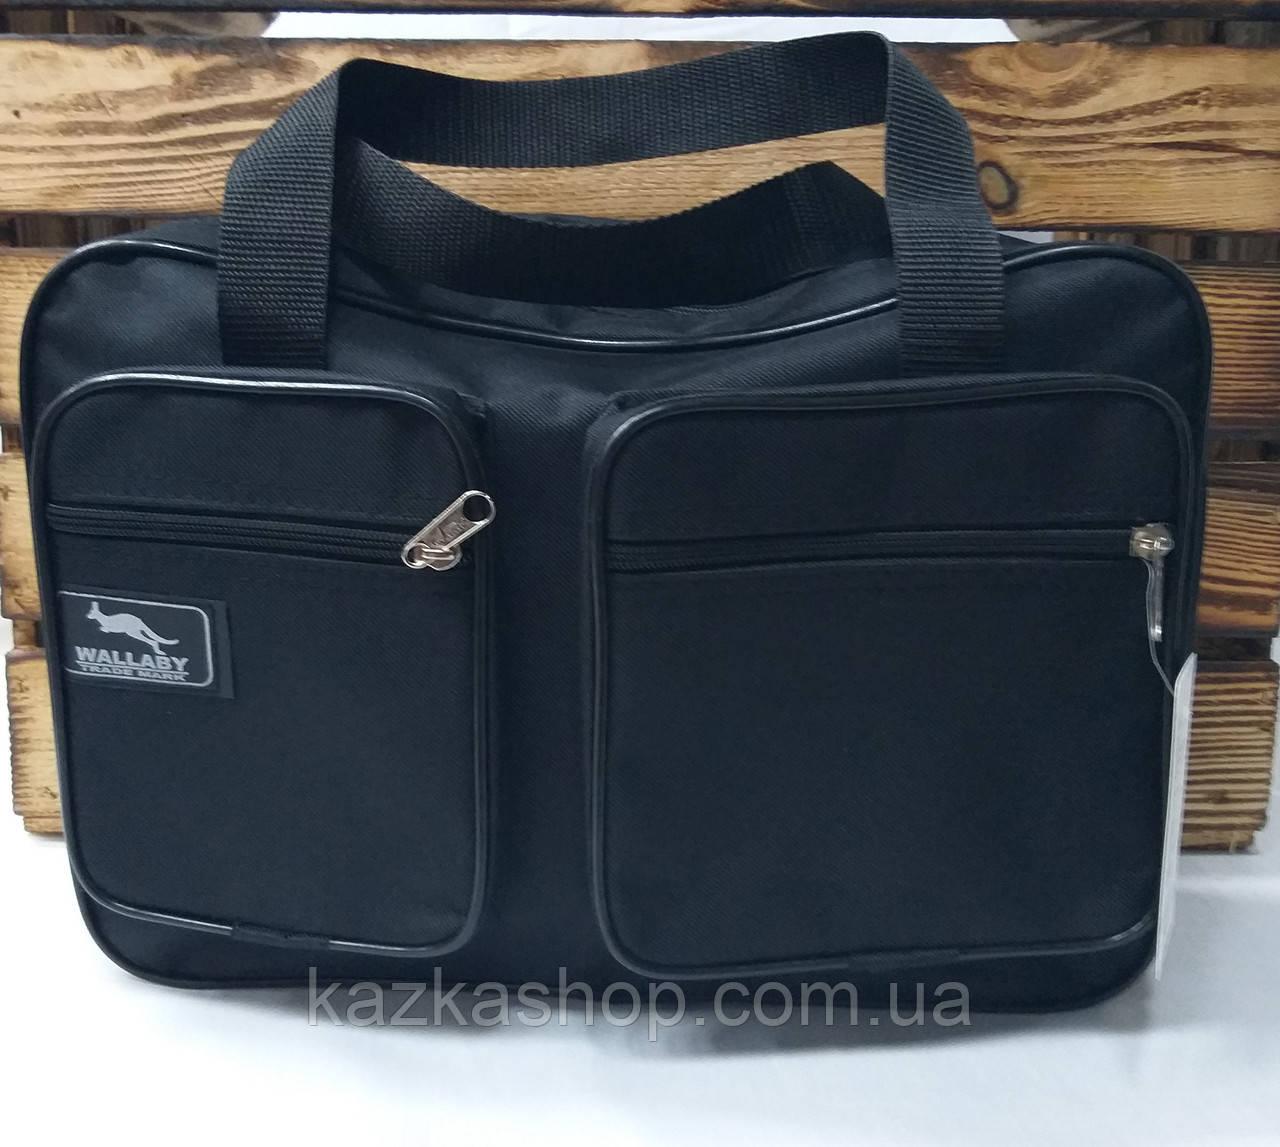 3db3ad2a64e1 Легкая сумка из ткани жатка с пропиткой ТМ